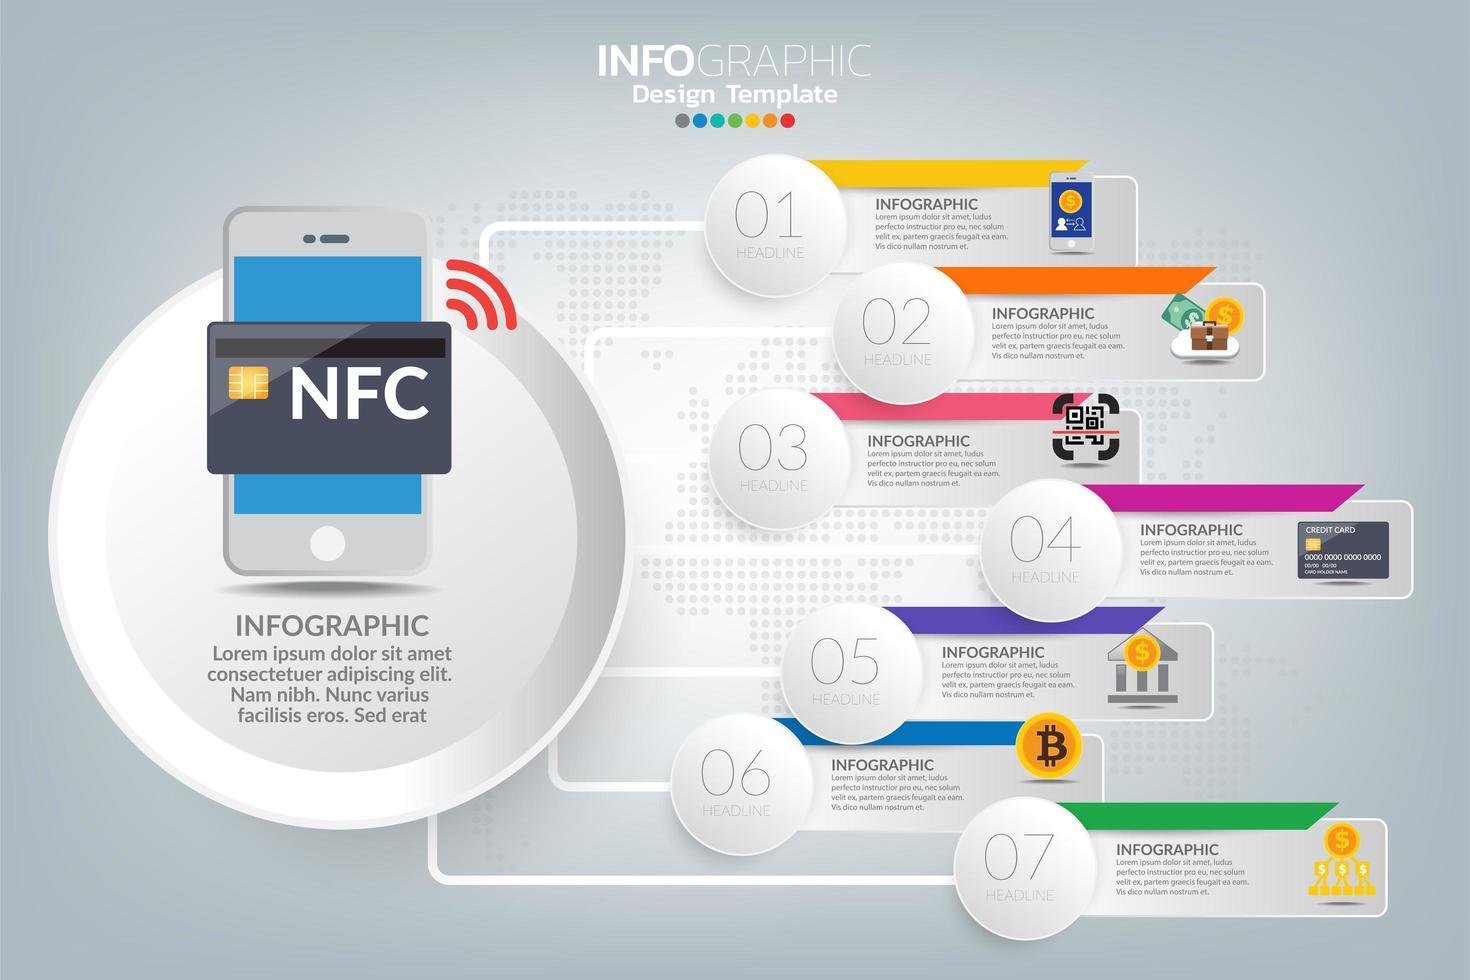 hur man lyckas affärer infographic vektor